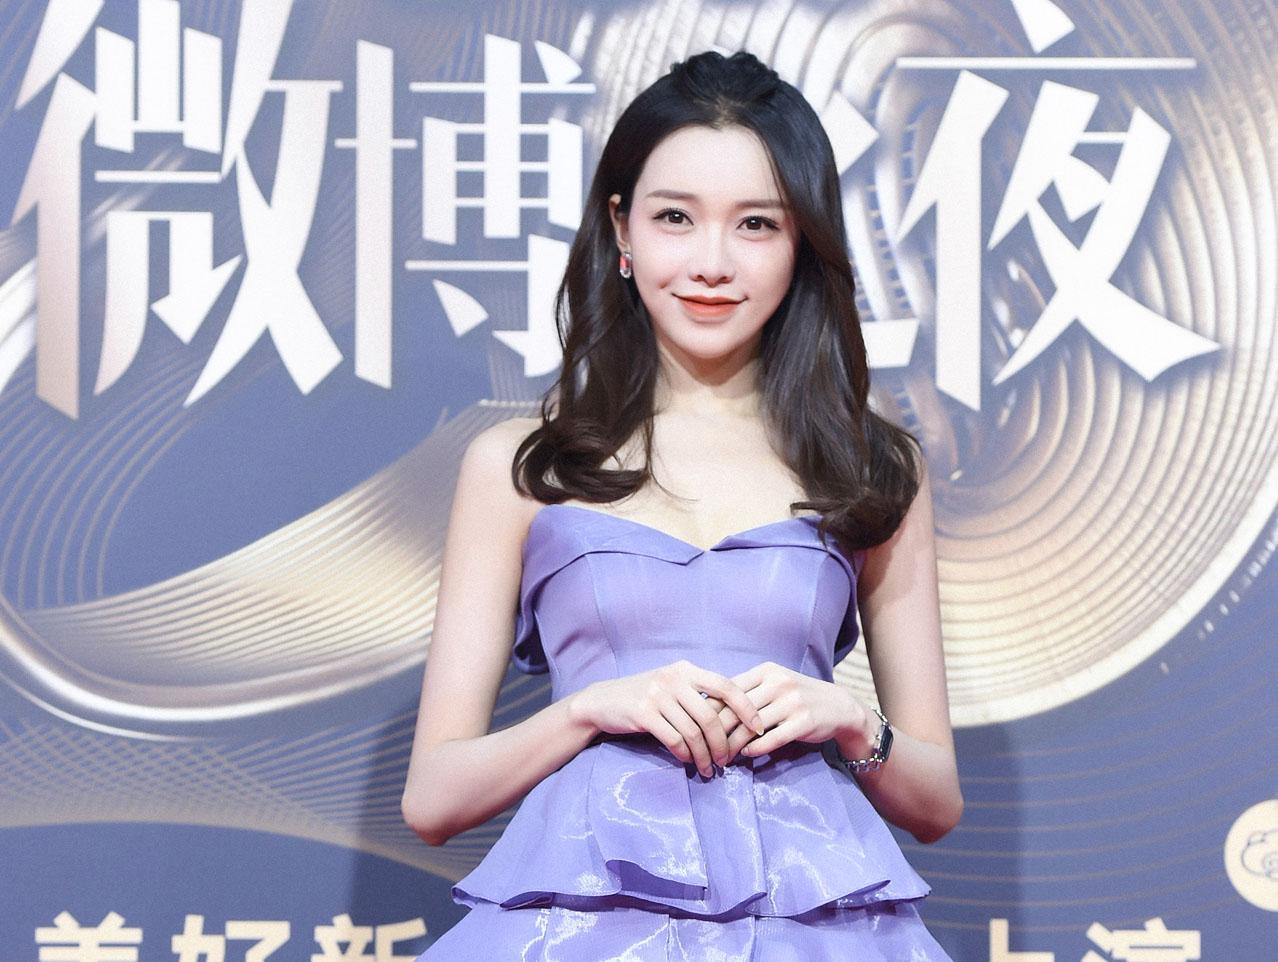 黄一琳亮相微博之夜紫色长裙典雅别致